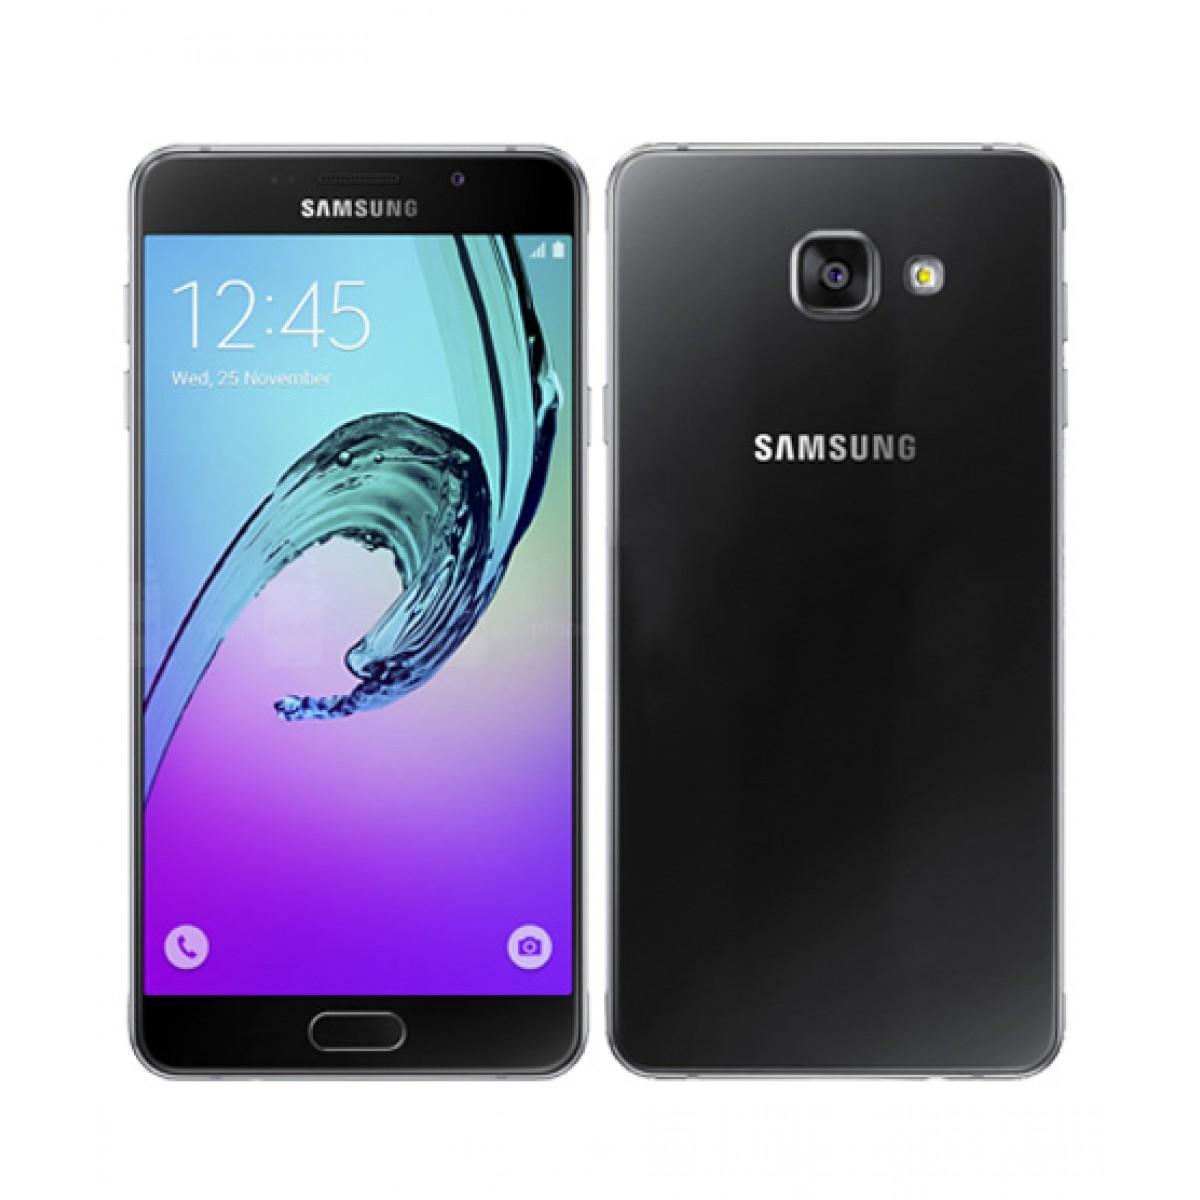 Samsung Galaxy A7 2016 4G Dual Sim Black (A710FD)